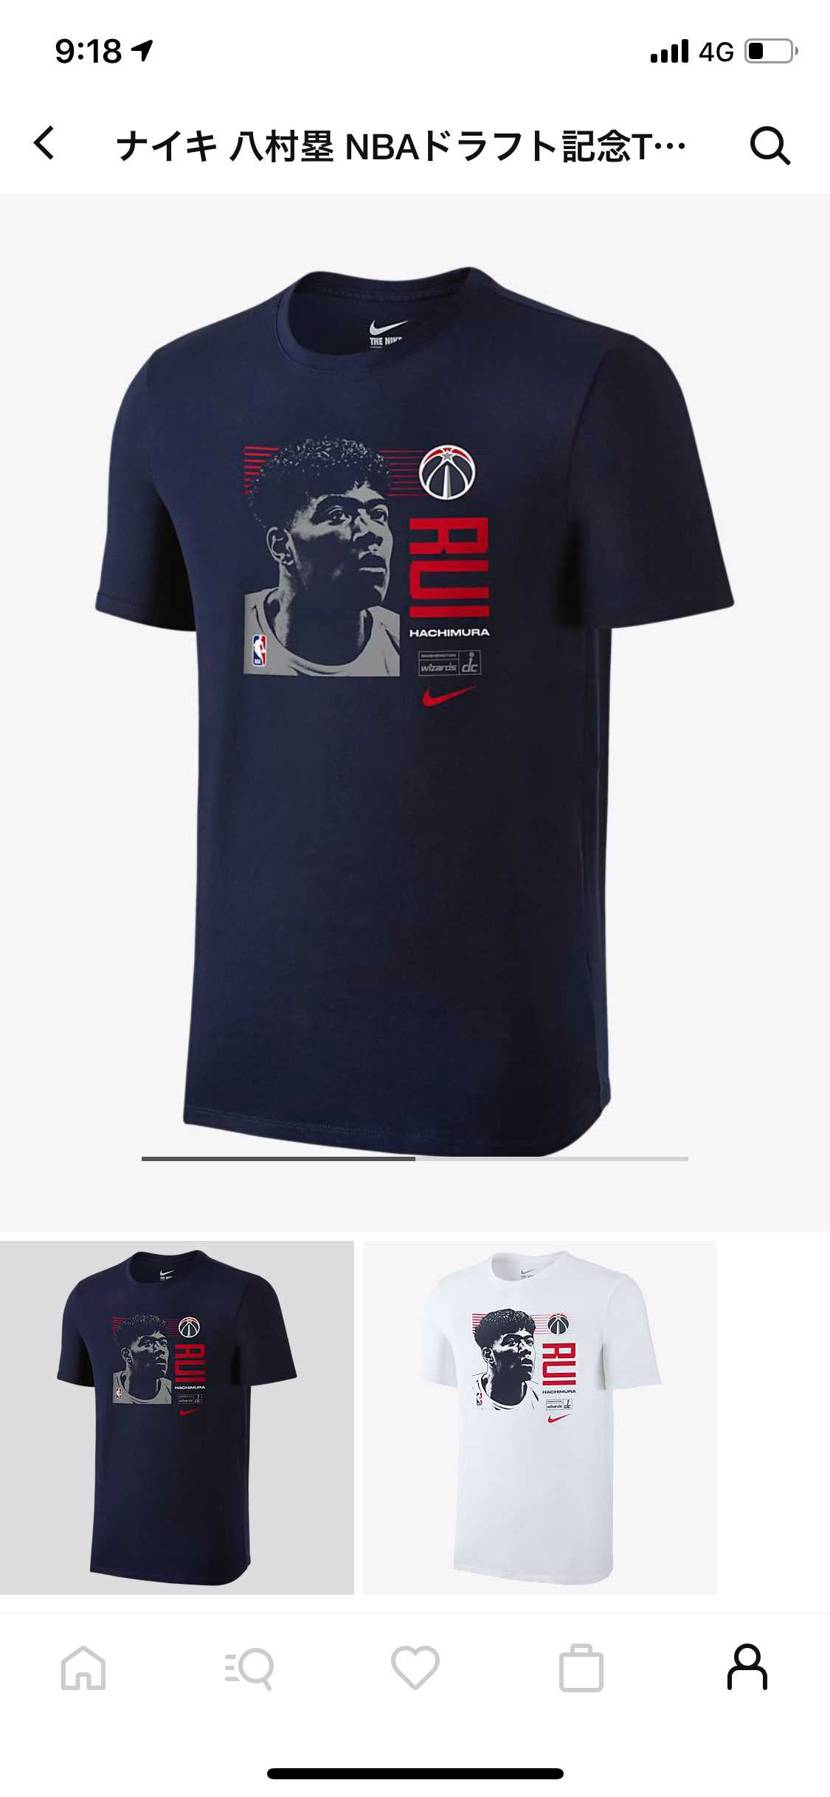 NIKEアプリで八村塁のTシャツGOT'EM!! ジョーダン1のジムレッドと合